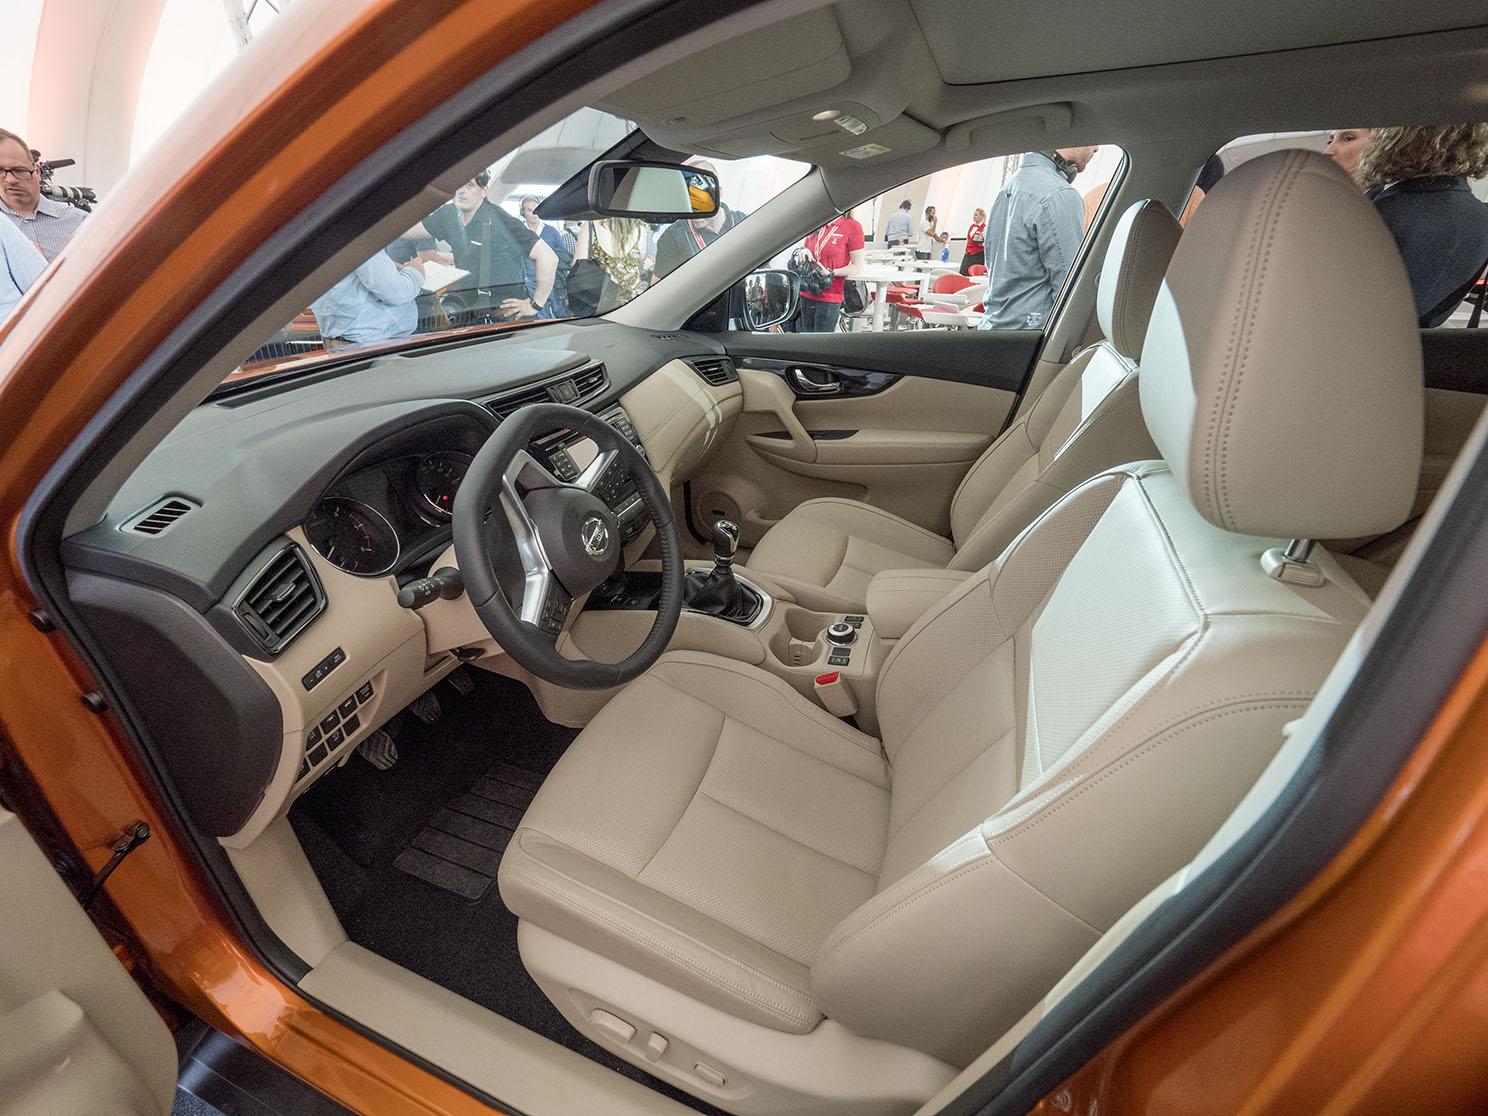 Nya material i inredningen och en ny Bose-anläggning för ljudet gör bilen till en mer komfortabel långresebil.